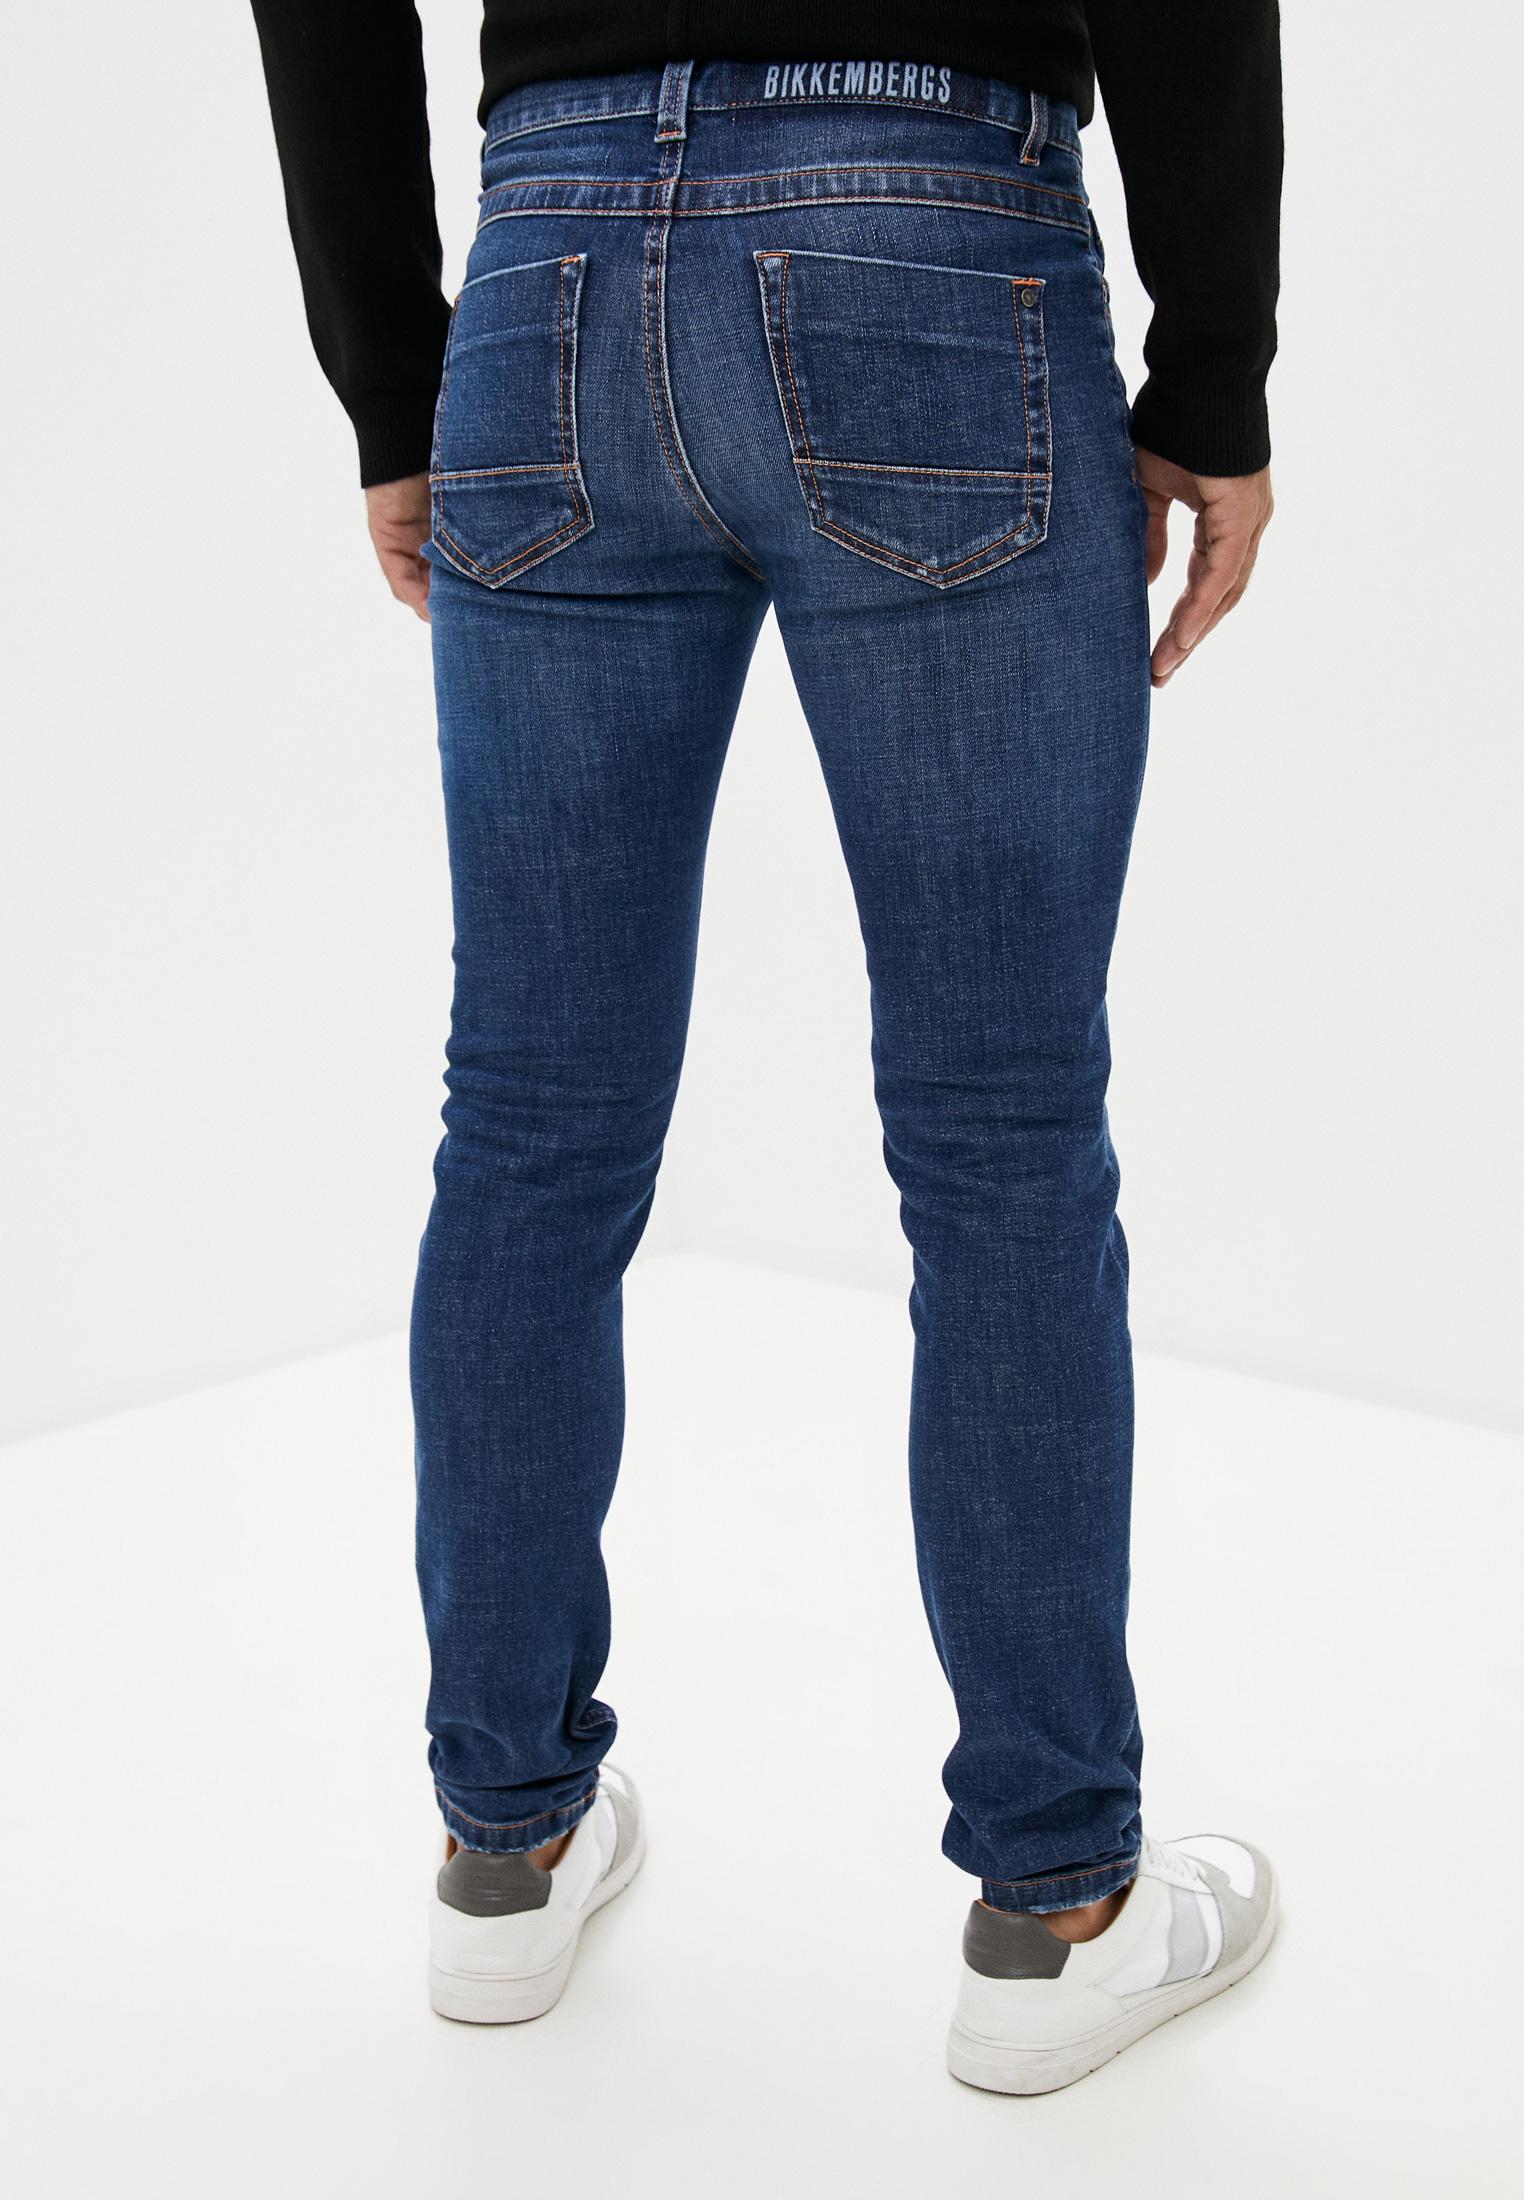 Мужские зауженные джинсы Bikkembergs (Биккембергс) C Q 101 05 S 3393: изображение 4